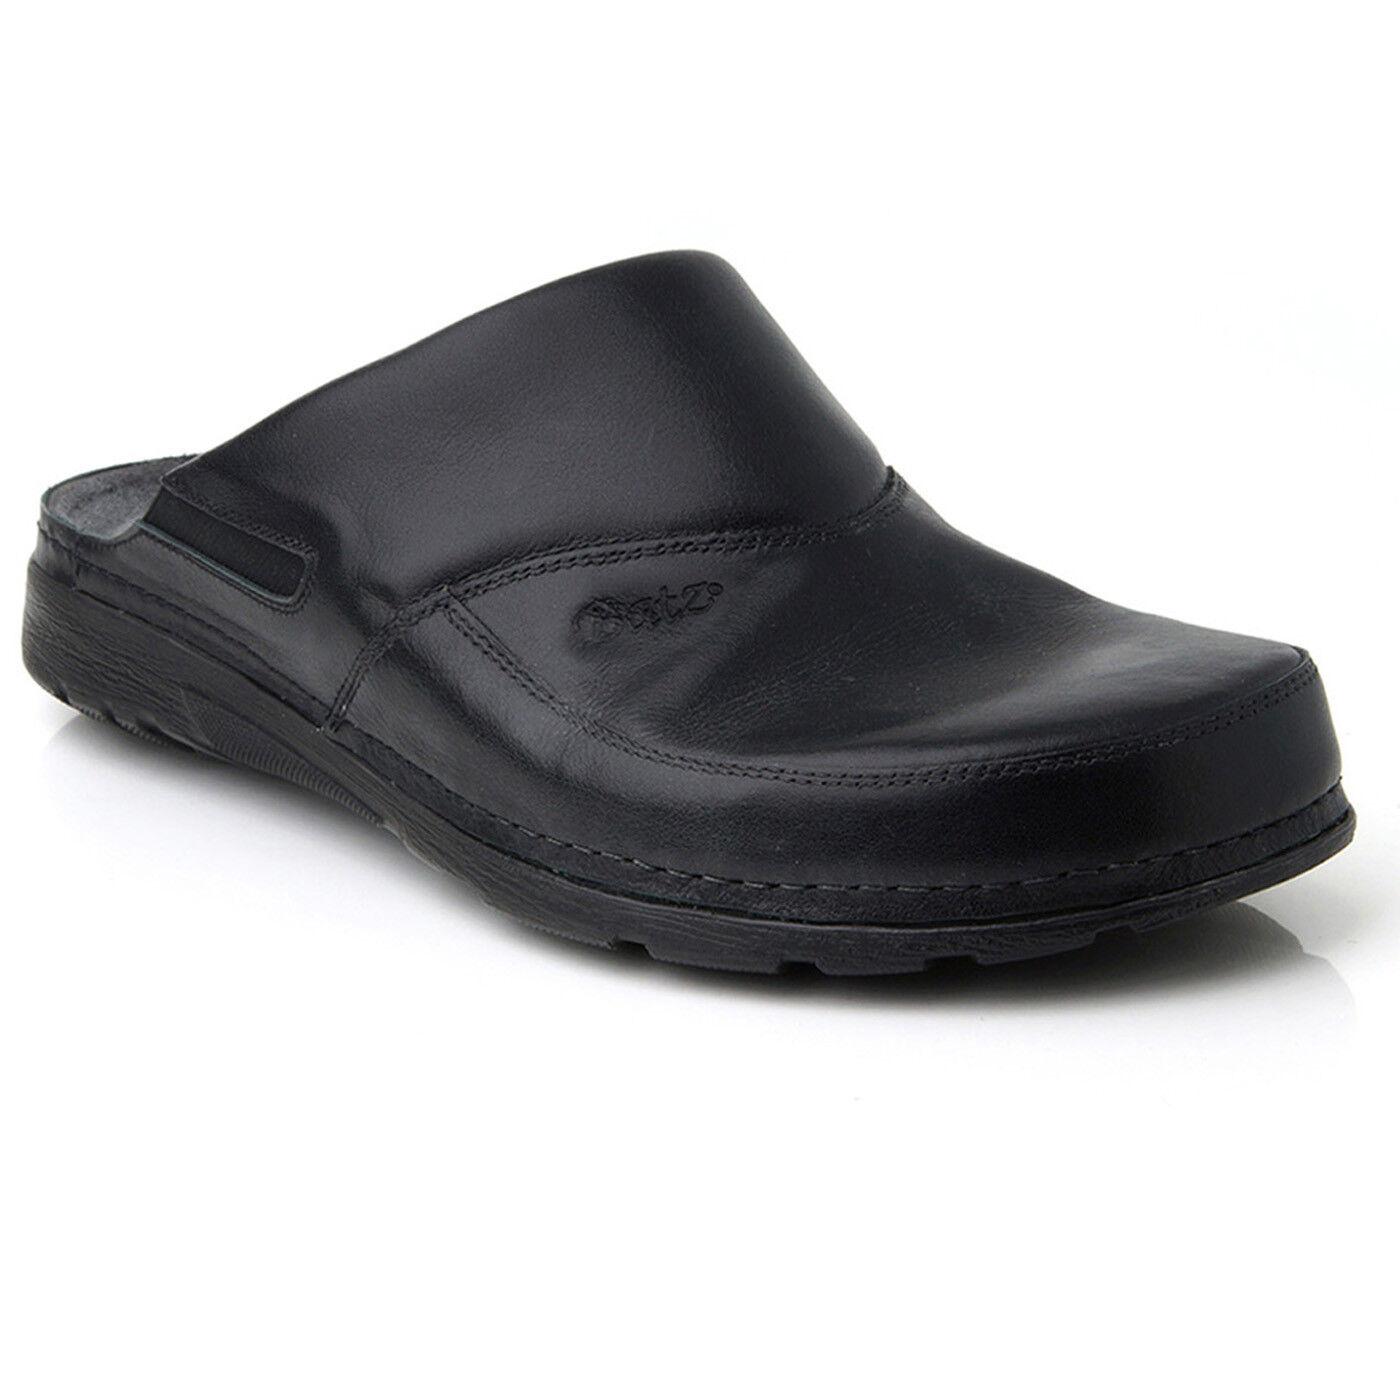 Batz PETER Black Mens Leather Slip On Mules Clogs Sandals shoes Size 7.5-11 UK